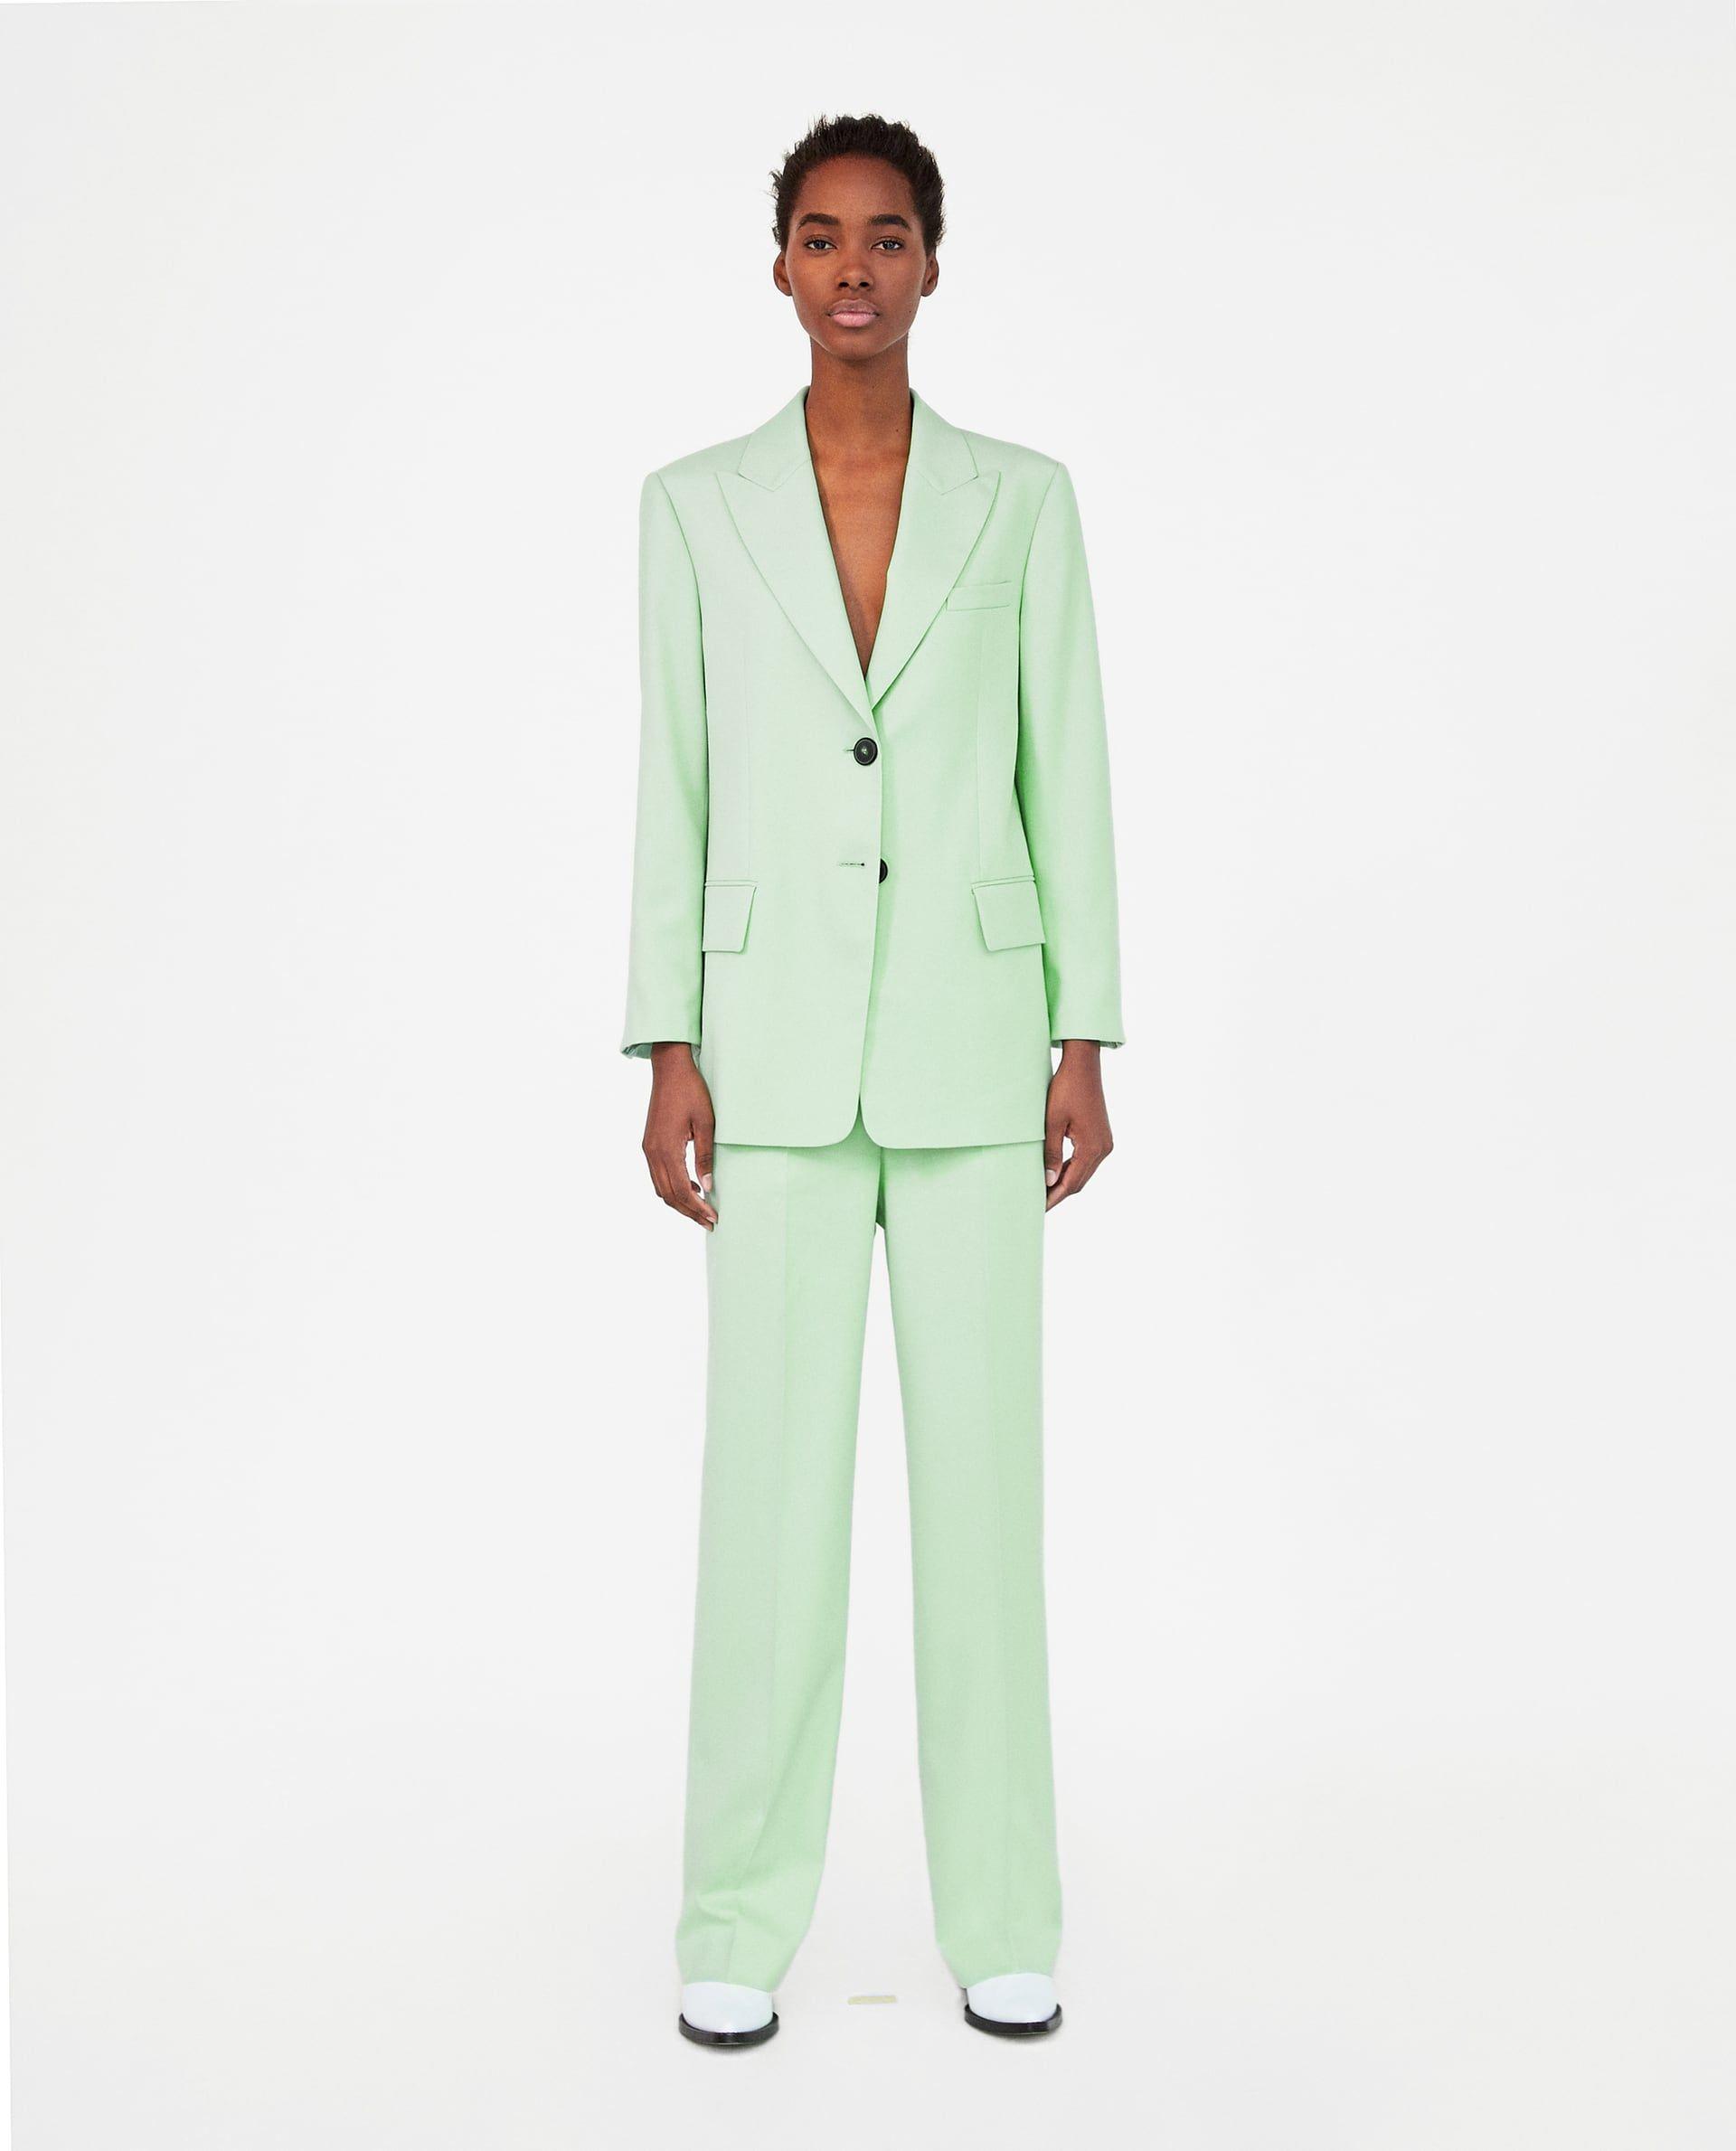 6fbb42fa2 Trajes pastel en Zara- Lo que no sabías que necesitabas  un traje verde  pastel